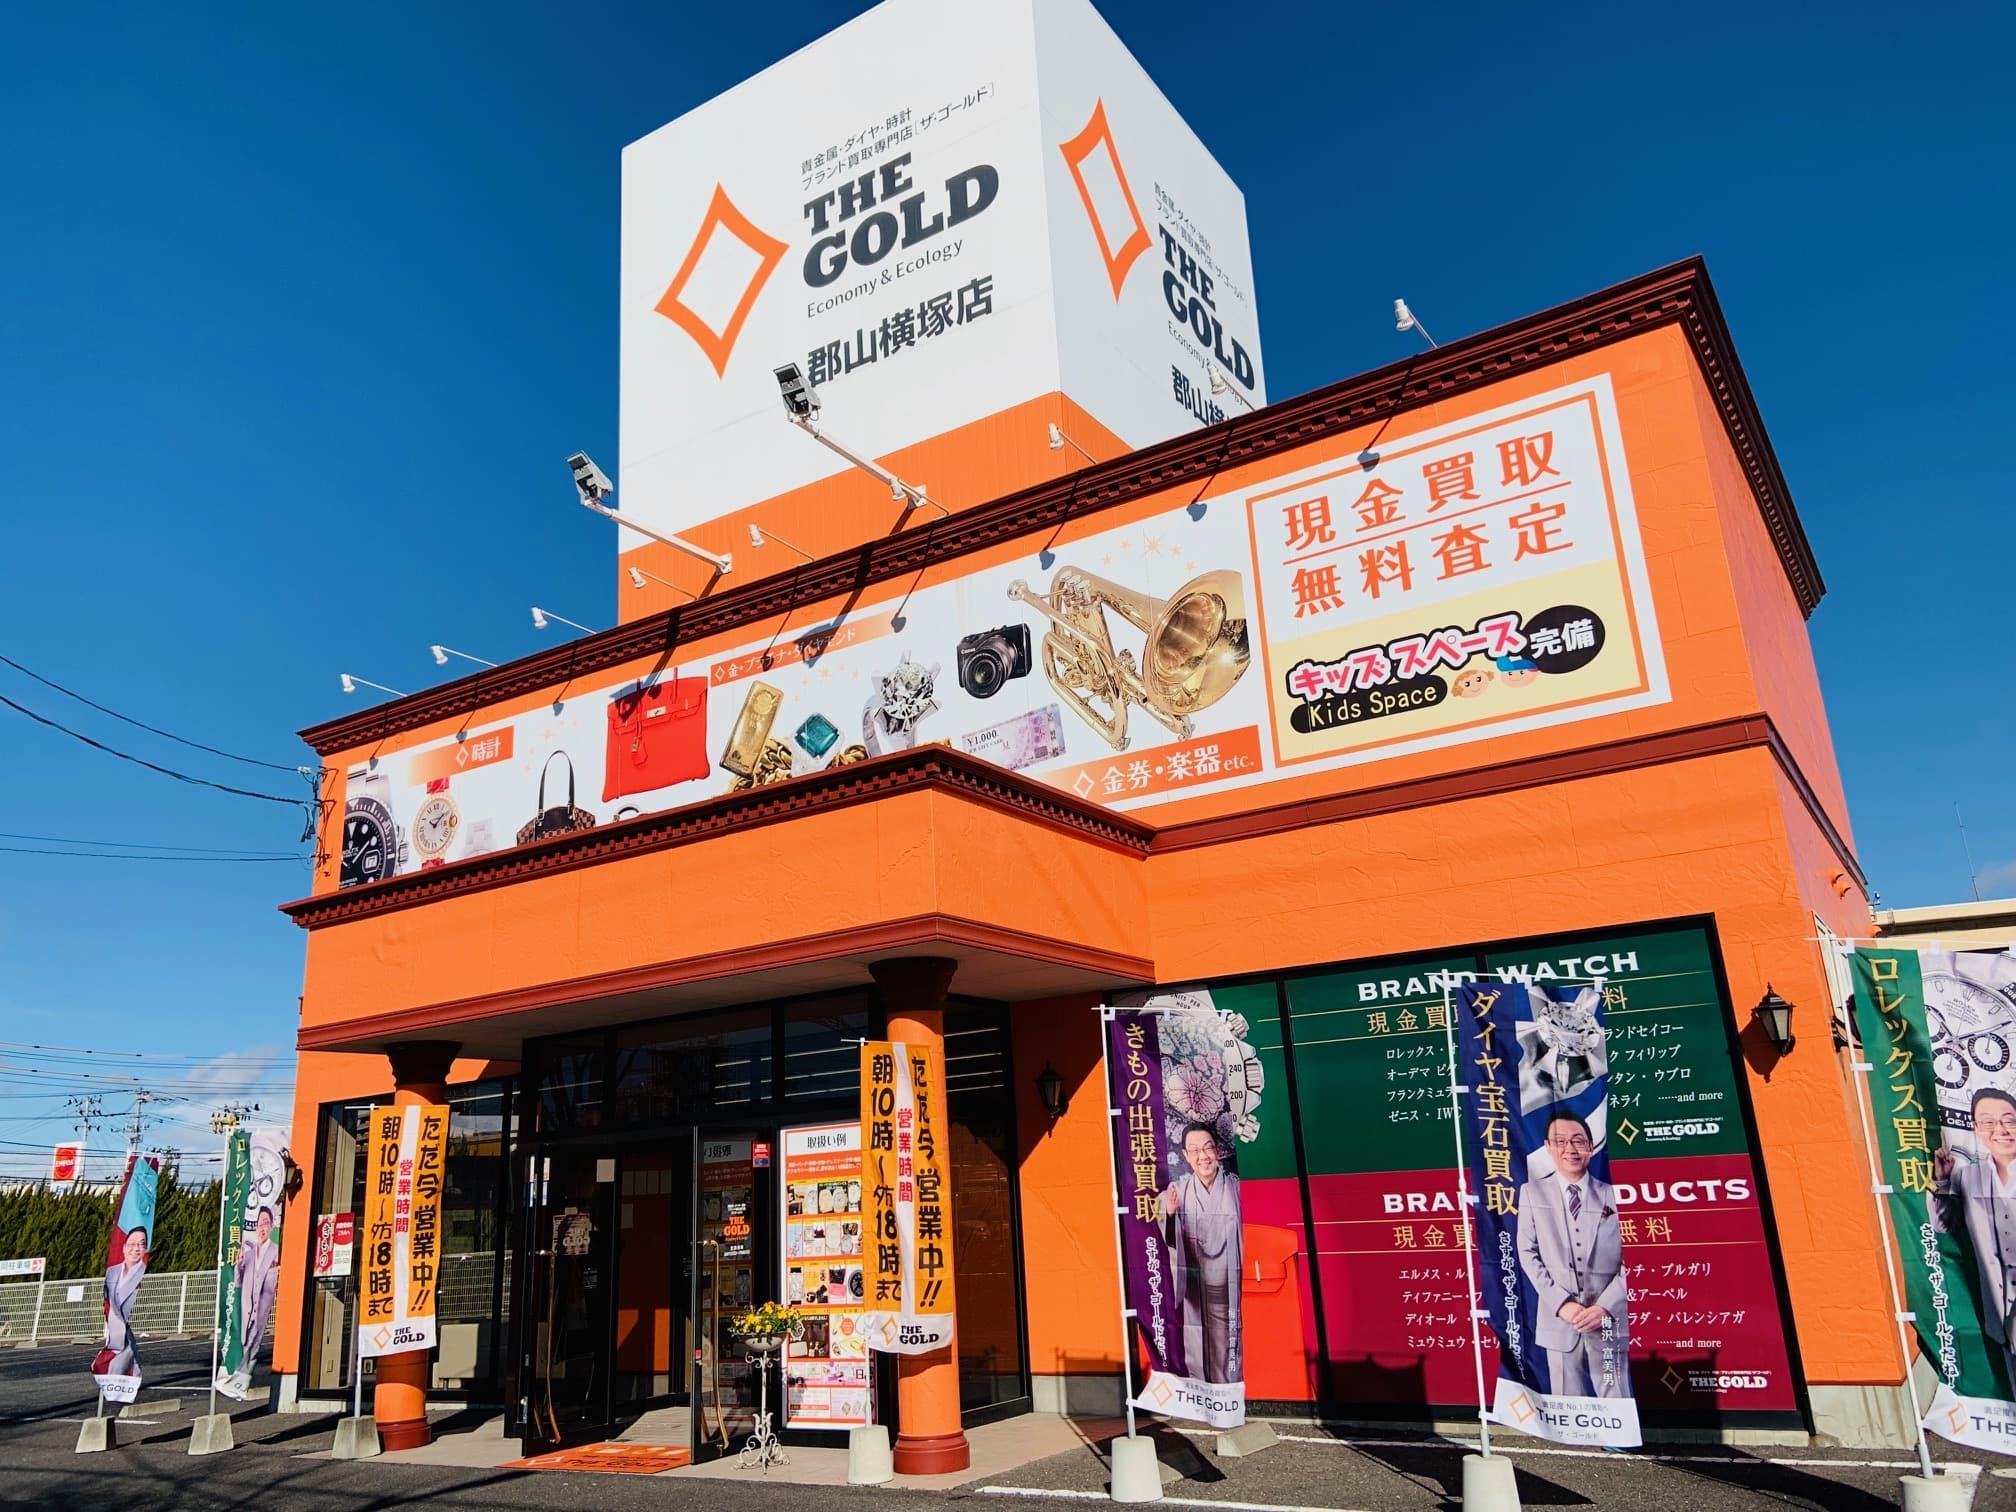 ザ・ゴールド 郡山横塚店